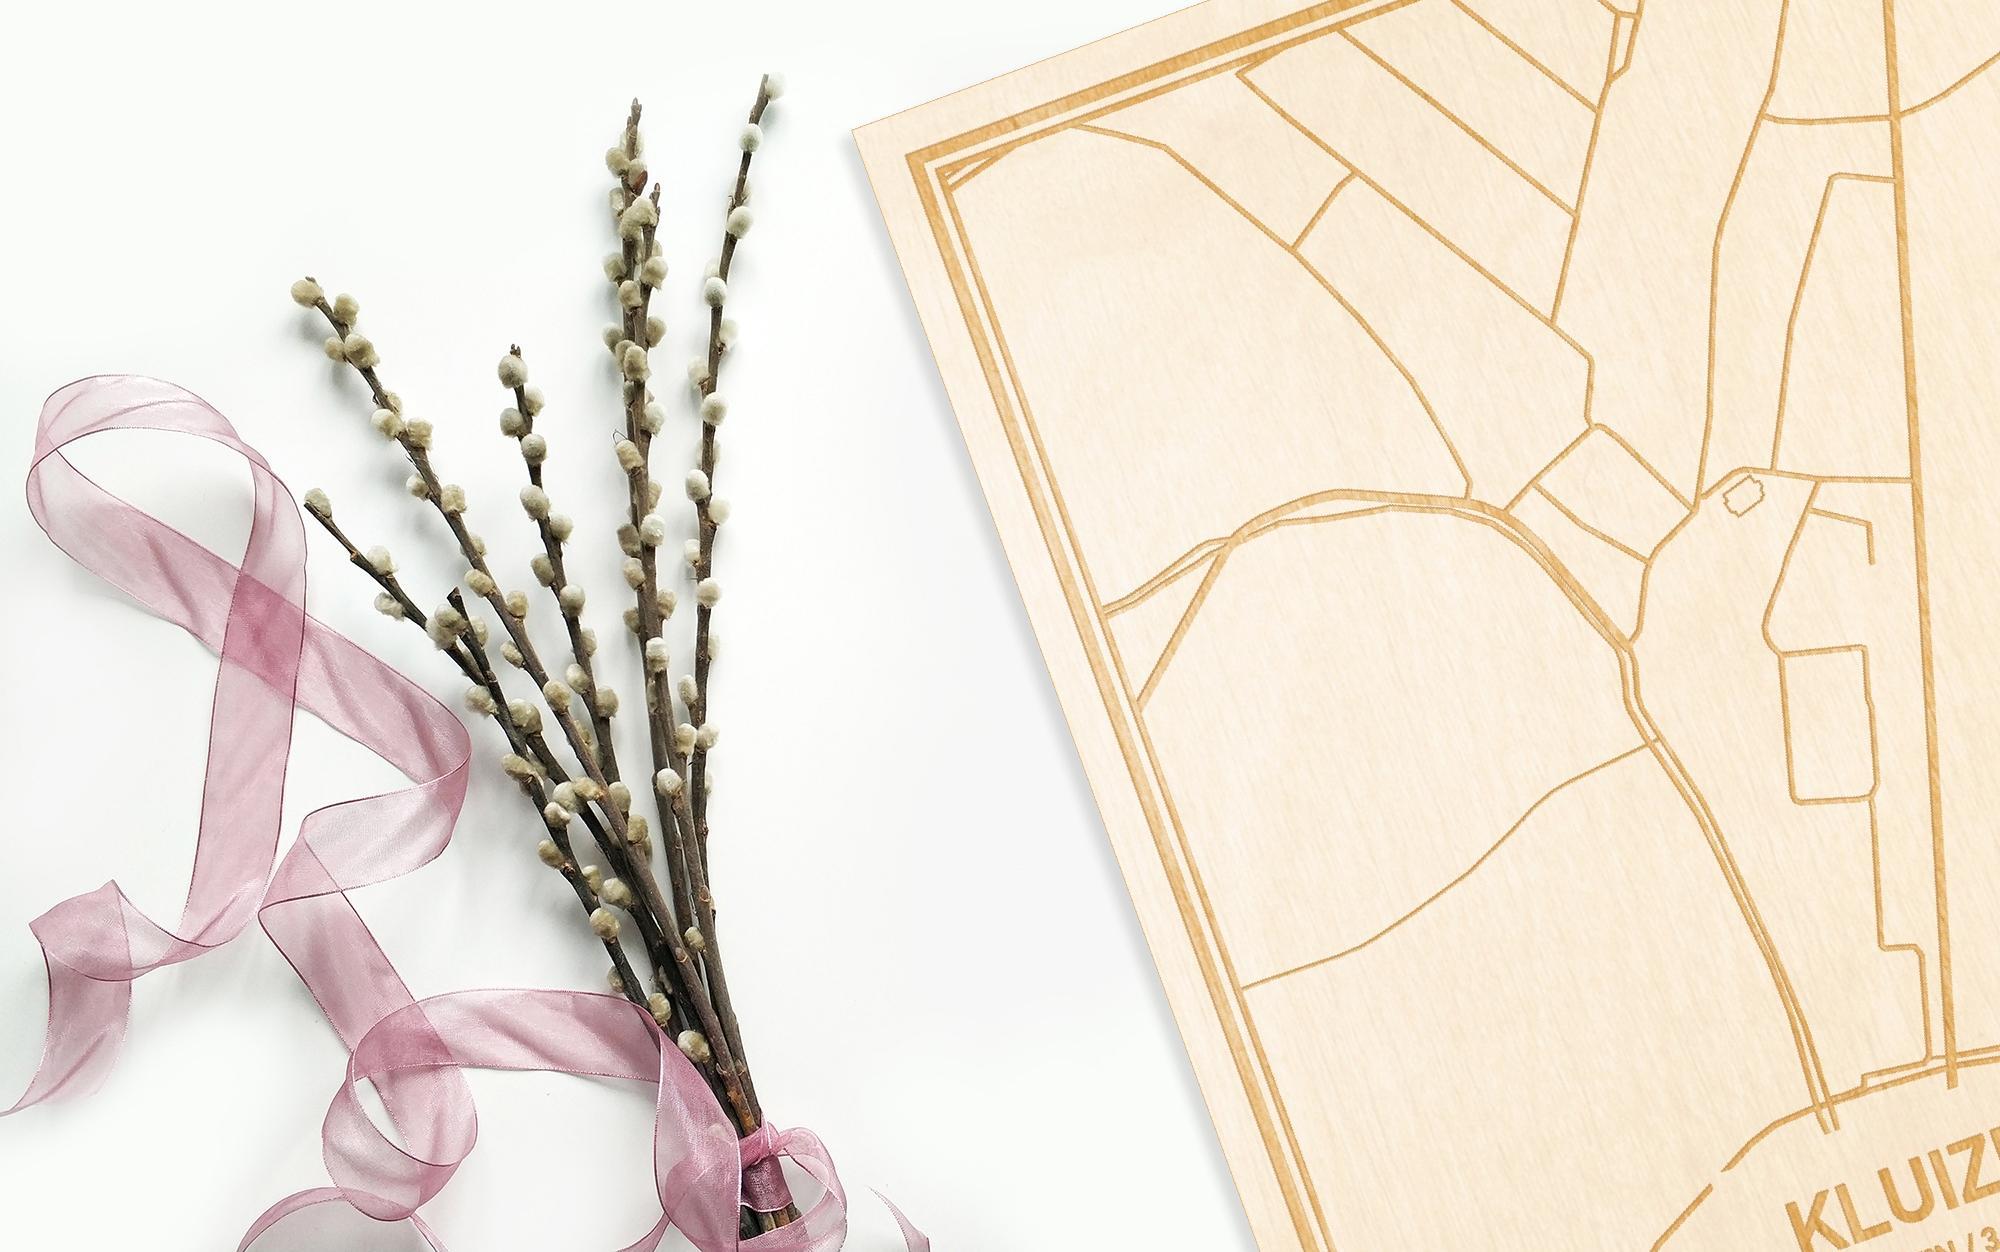 Hier ligt de houten plattegrond Kluizen naast een bloemetje als gepersonaliseerd cadeau voor haar.